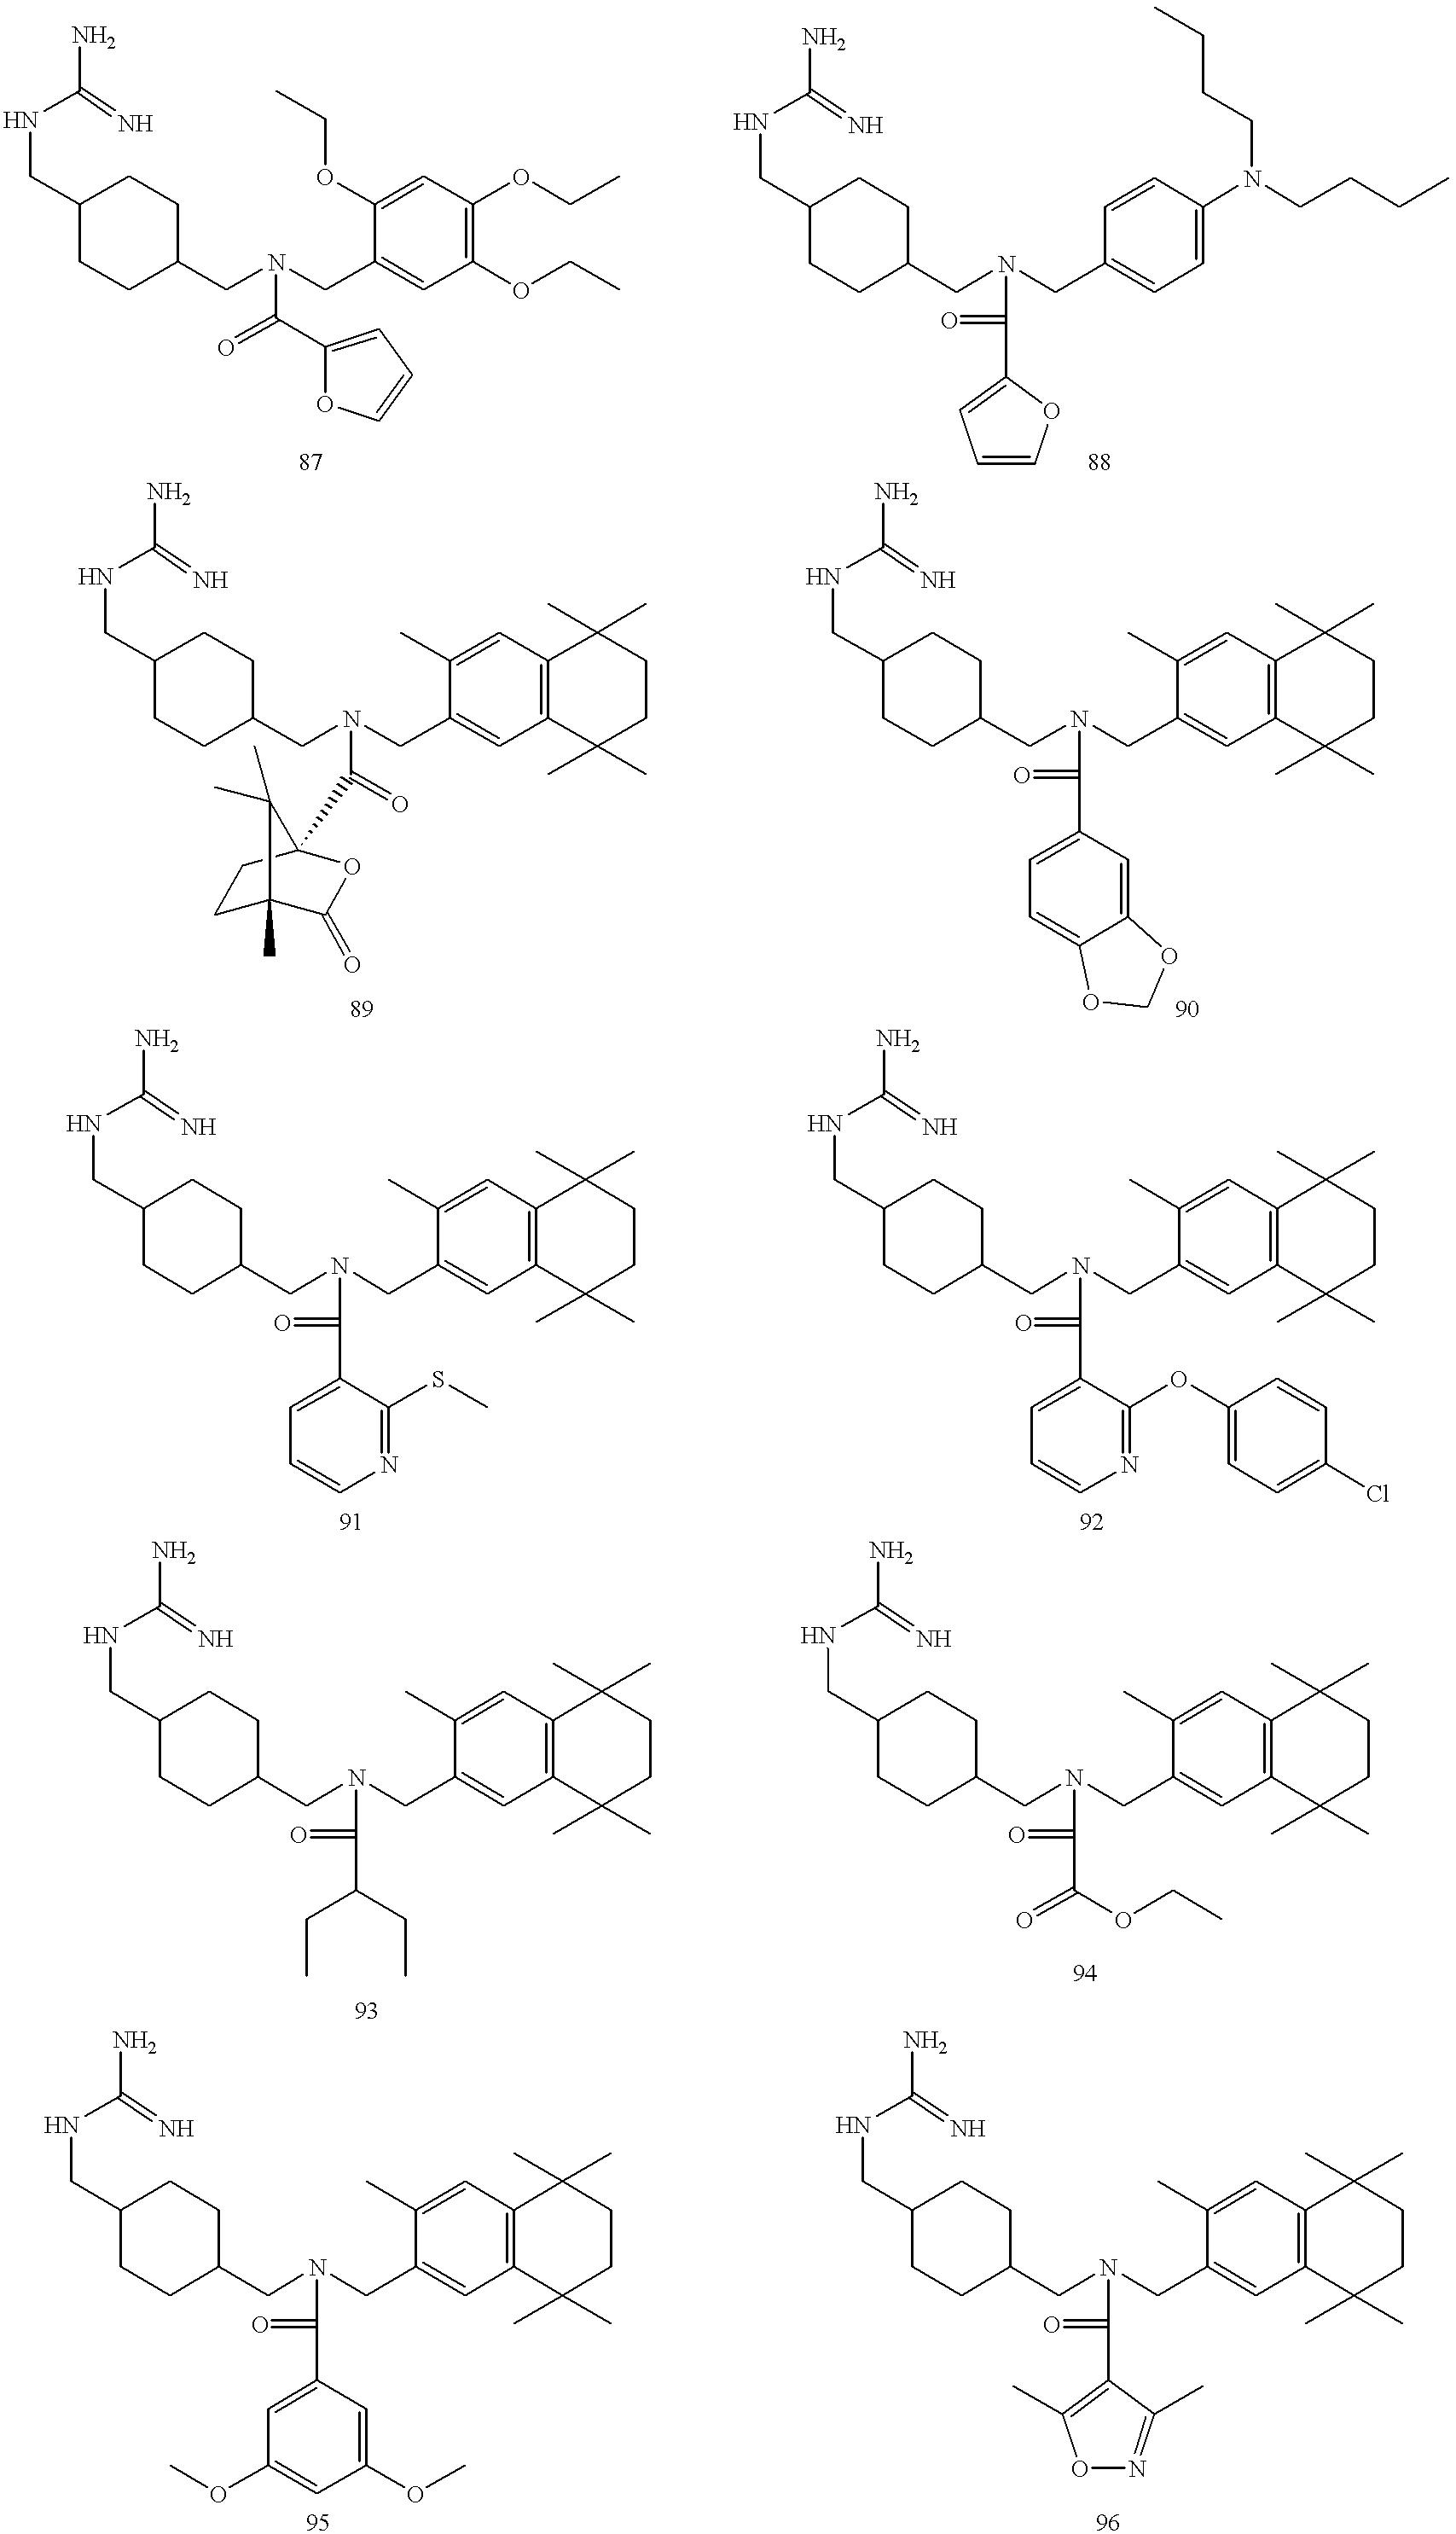 Figure US06218426-20010417-C00018